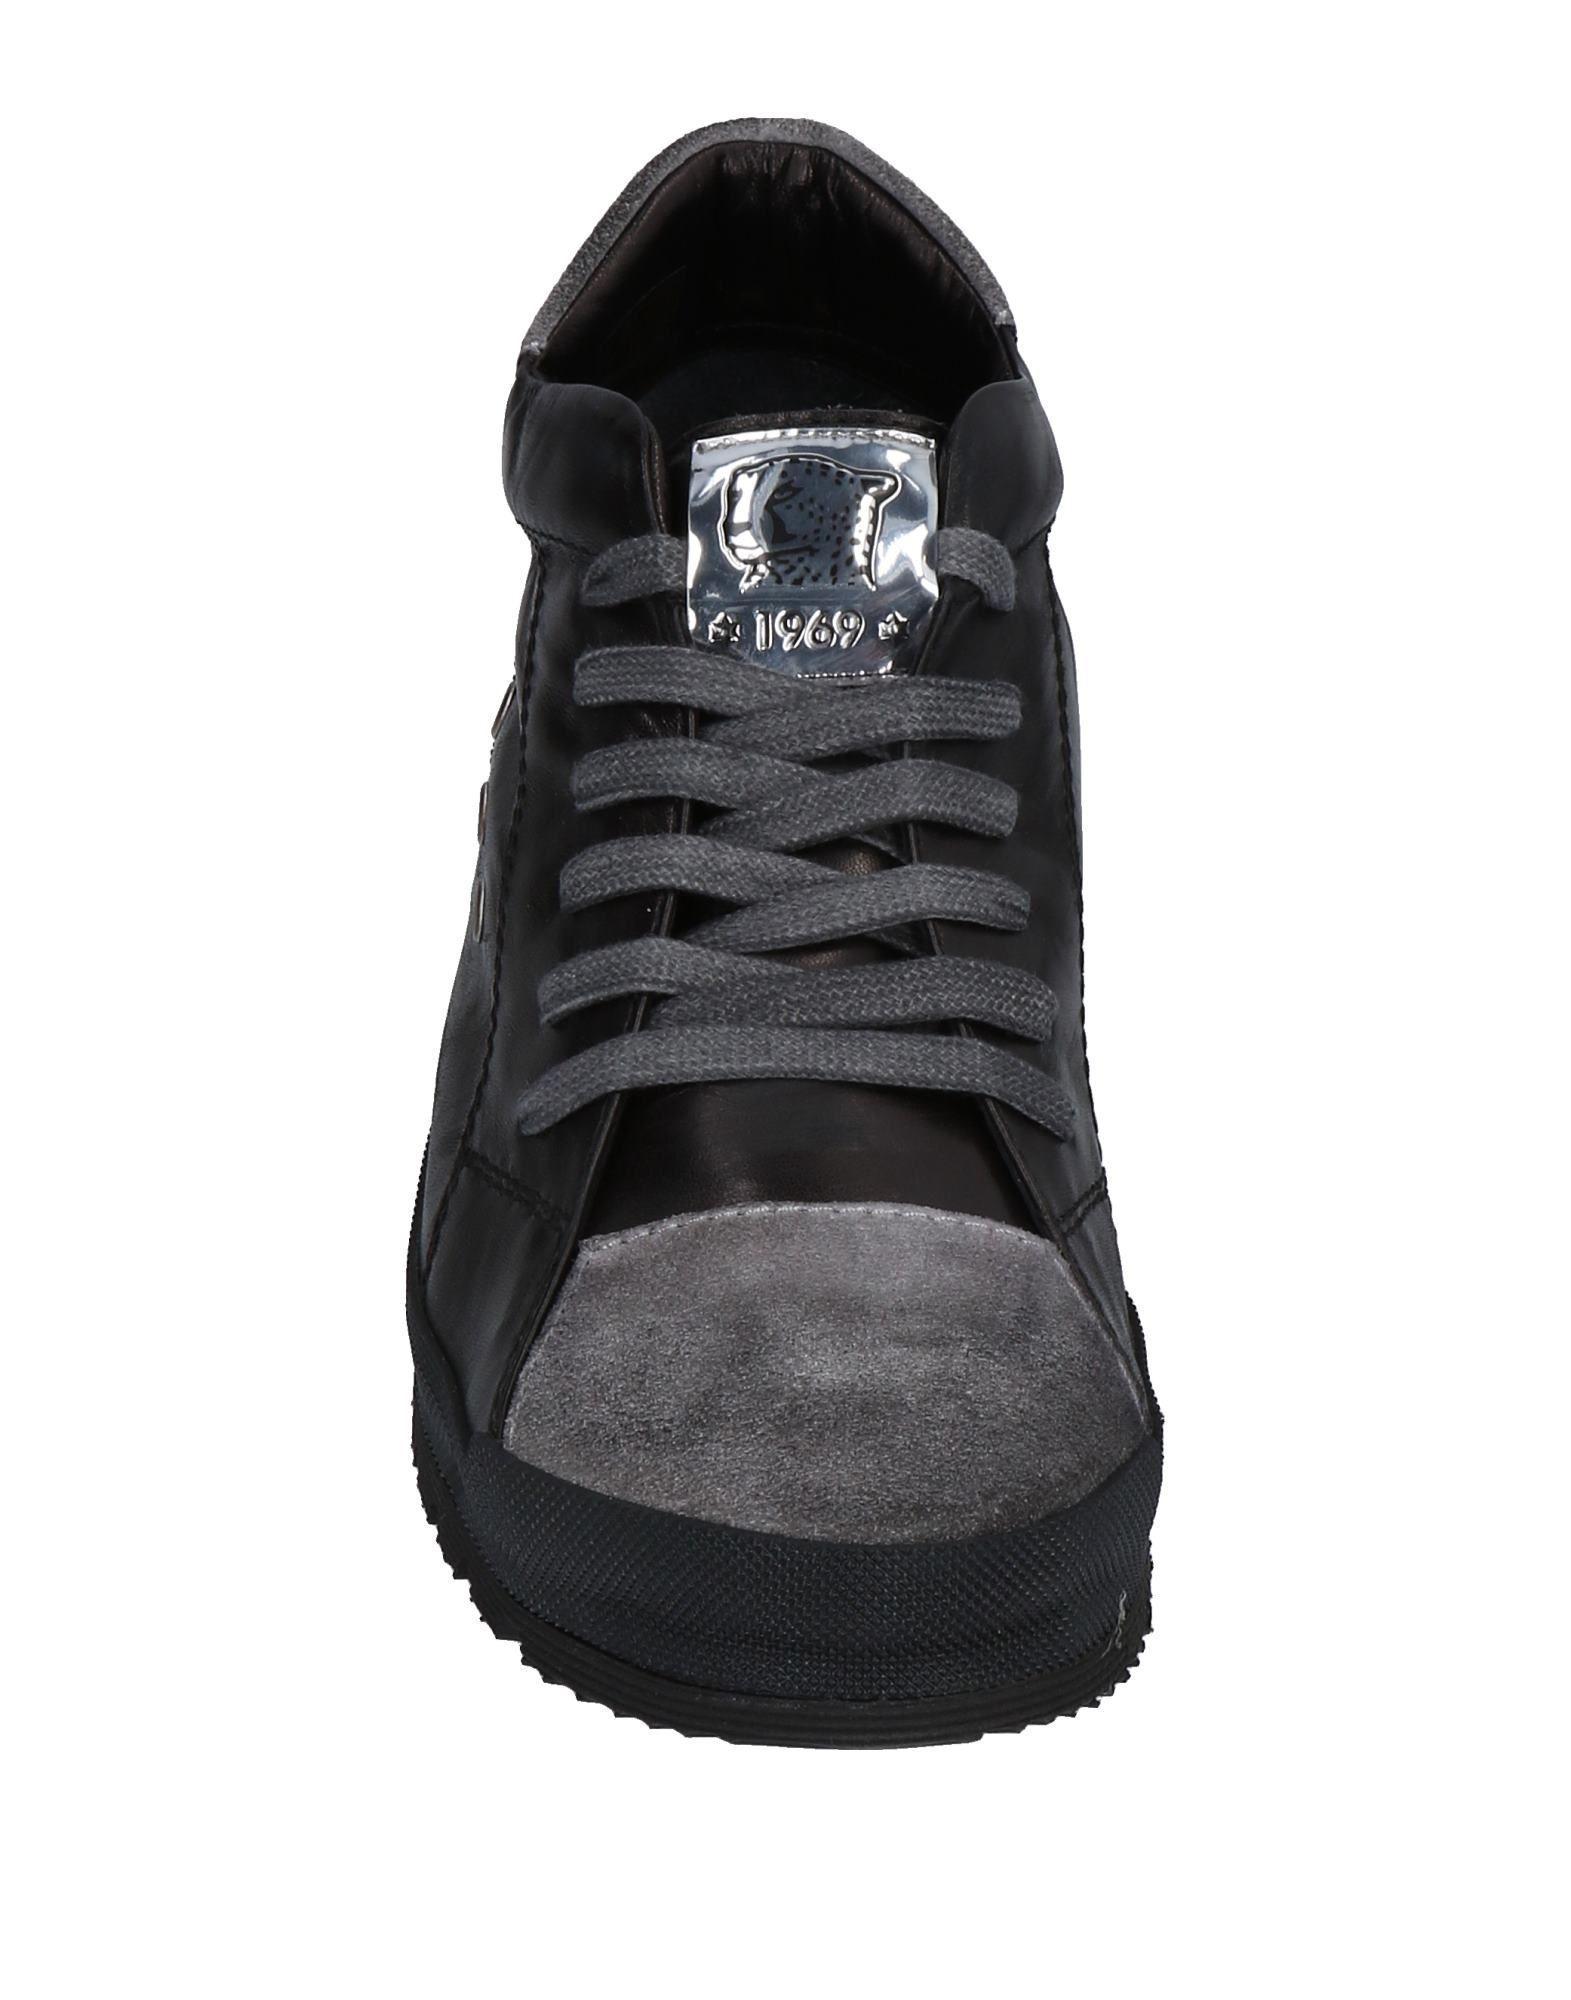 GEPARD 1969 Suede Low-tops & Sneakers in Black